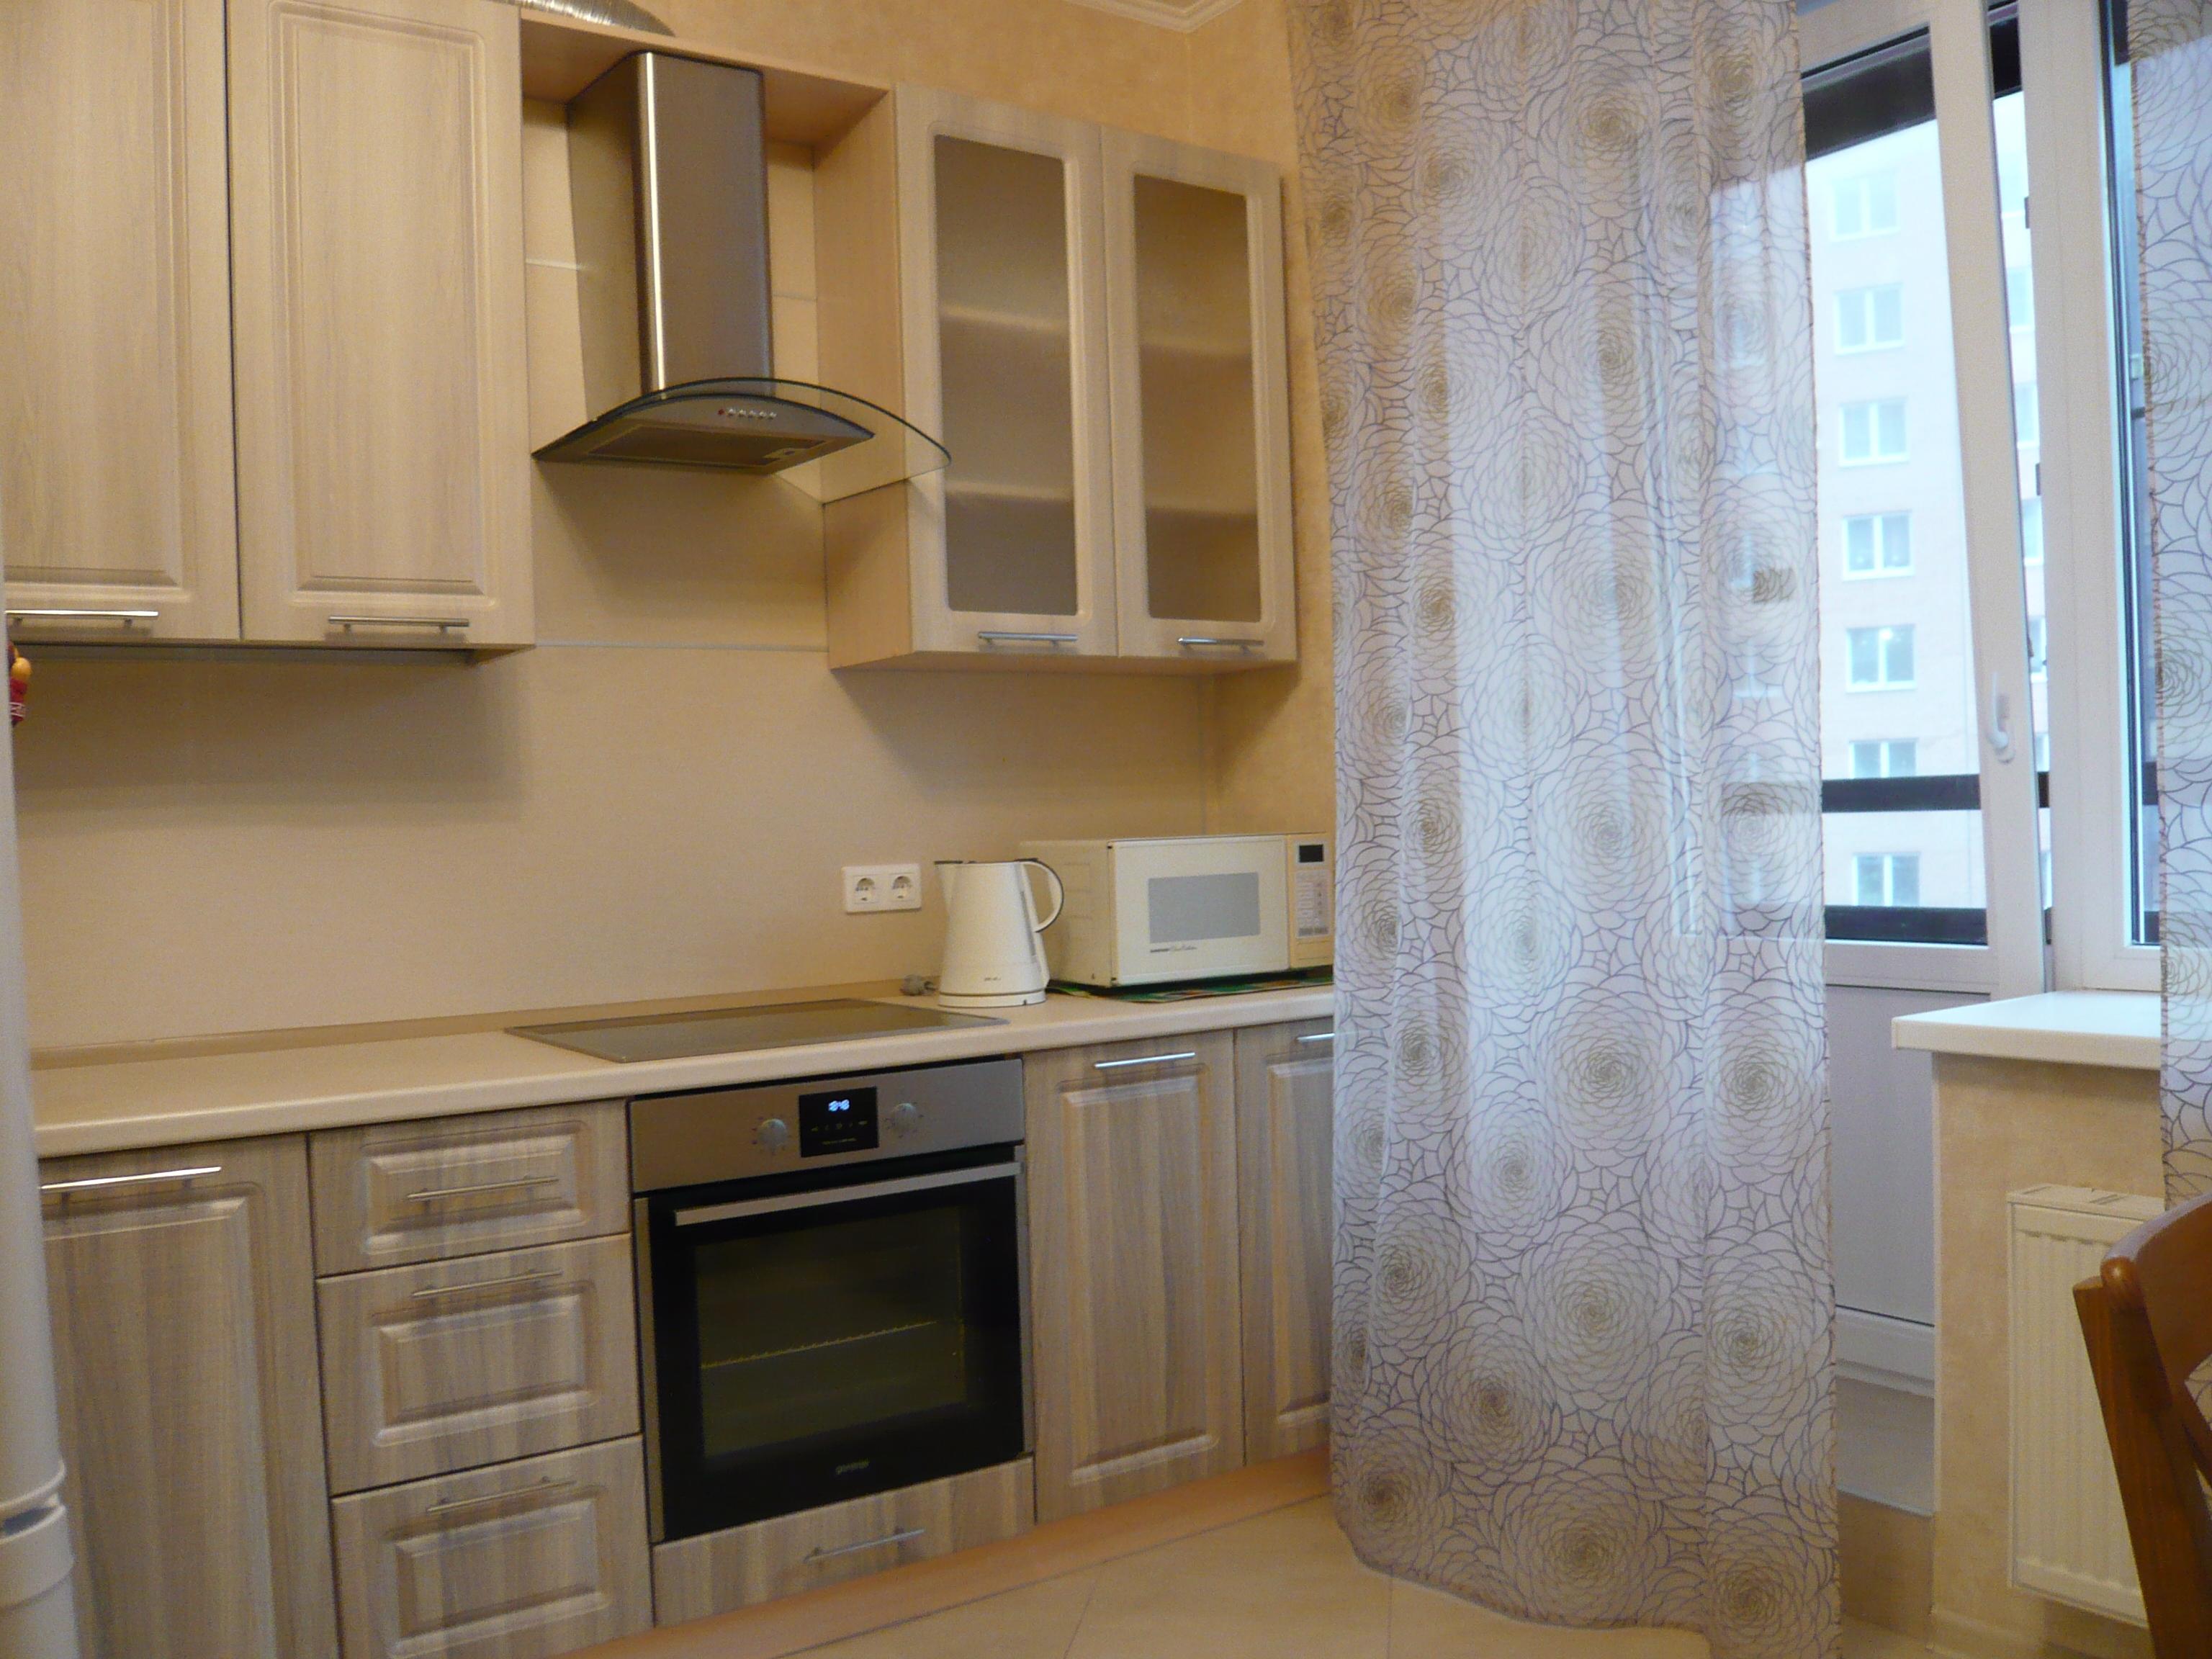 Фото квартир с ремонтом в жк фортепиано гордость тщеславие